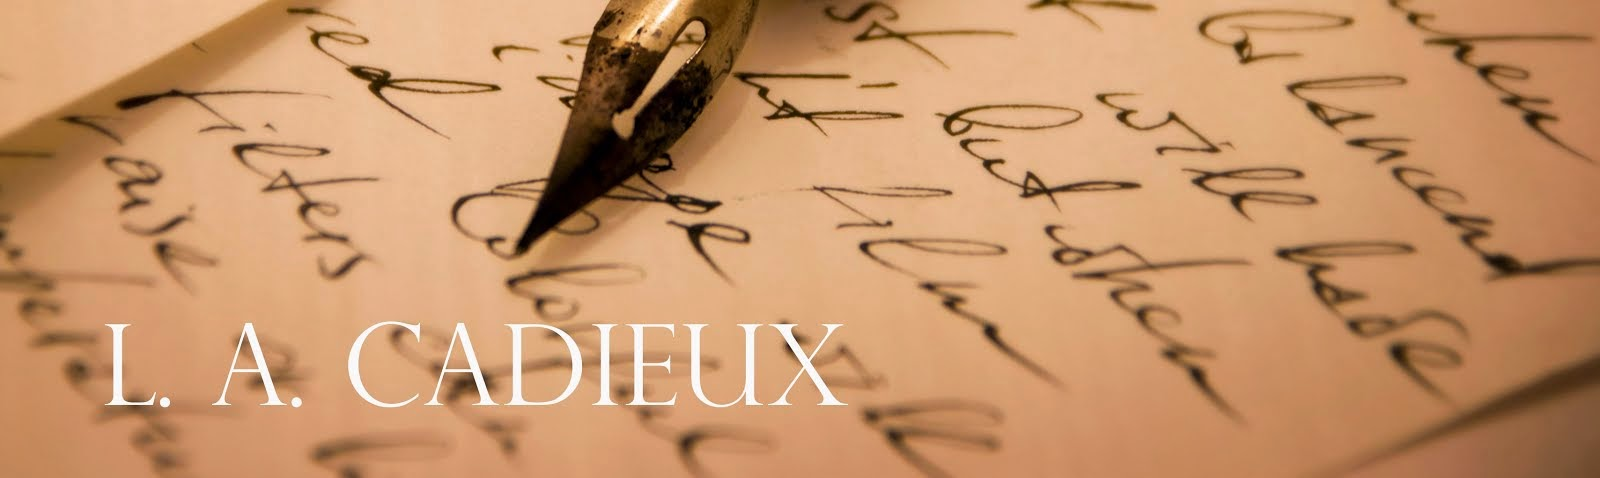 L. A. Cadieux